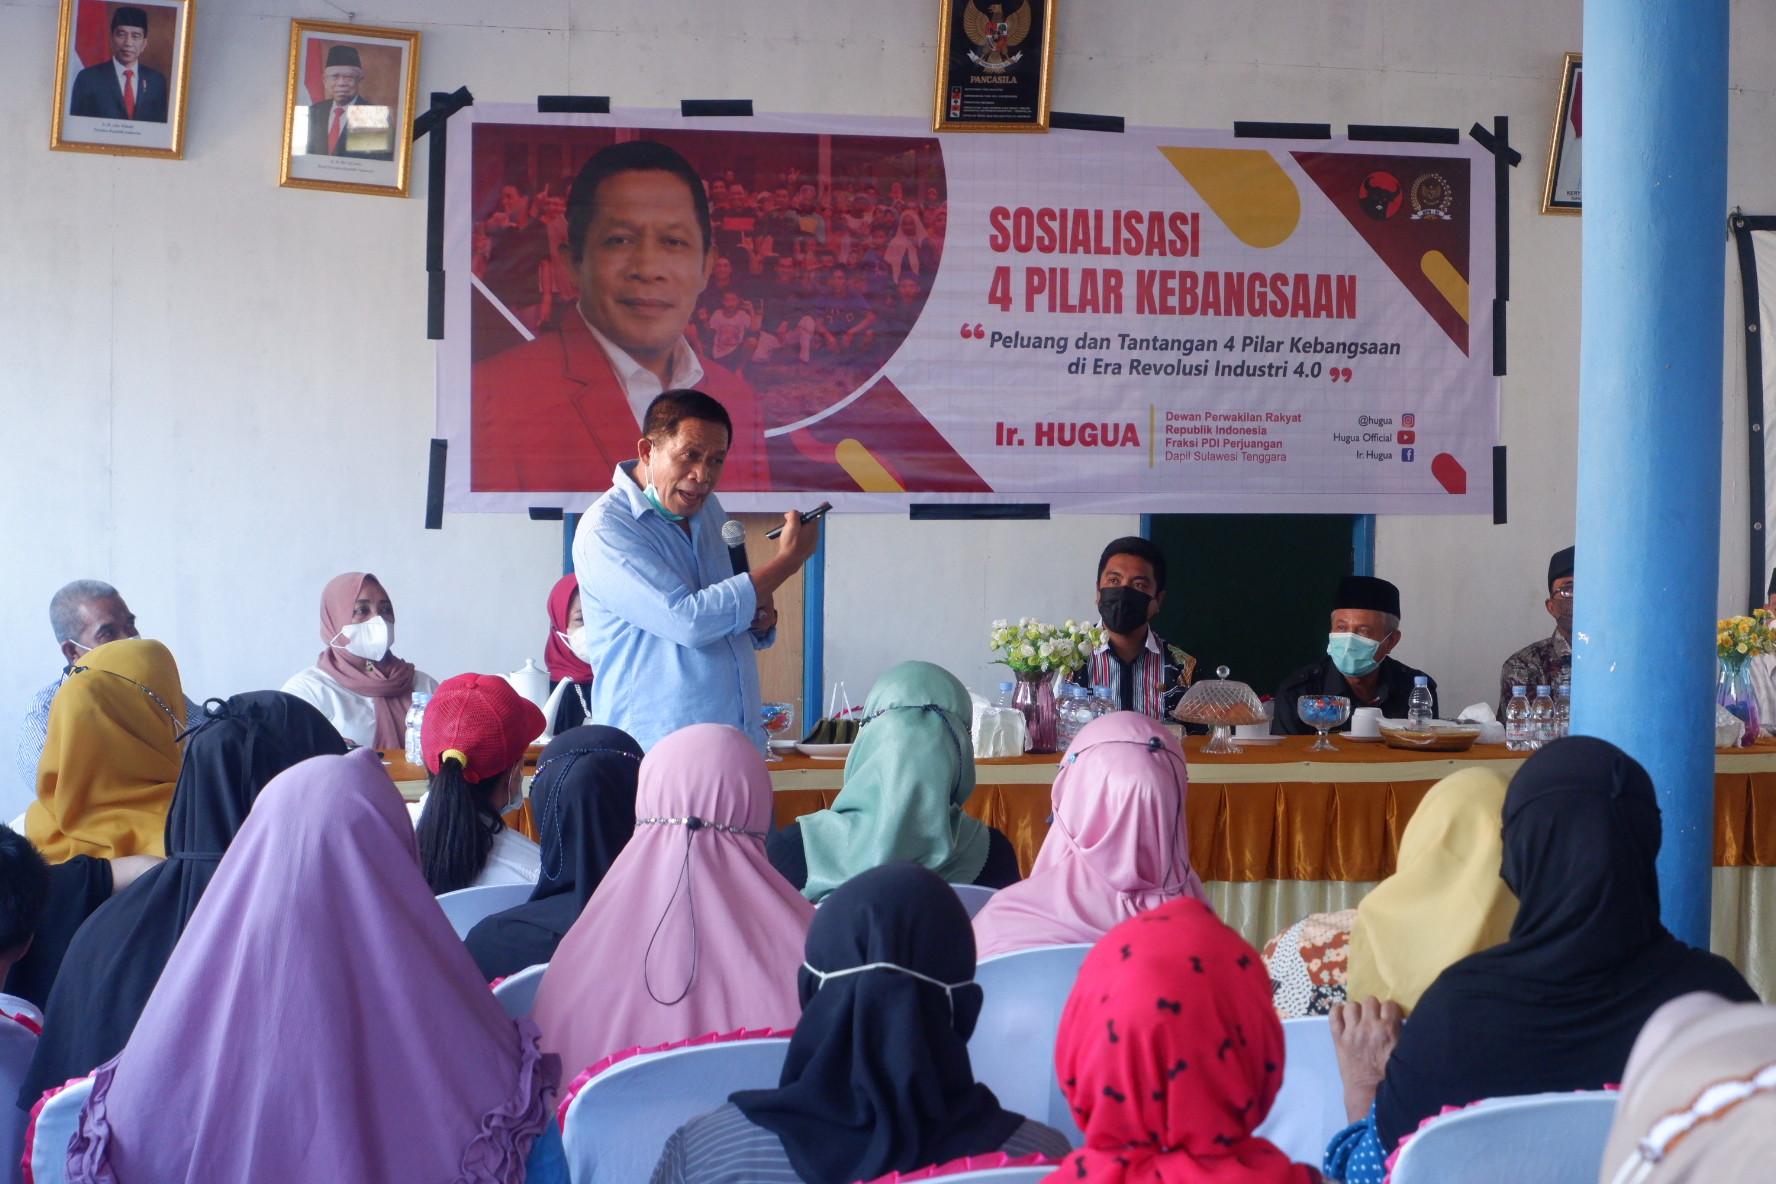 Sosialisasi Empat Pilar, Hugua Serukan Persatuan & Keseatuan